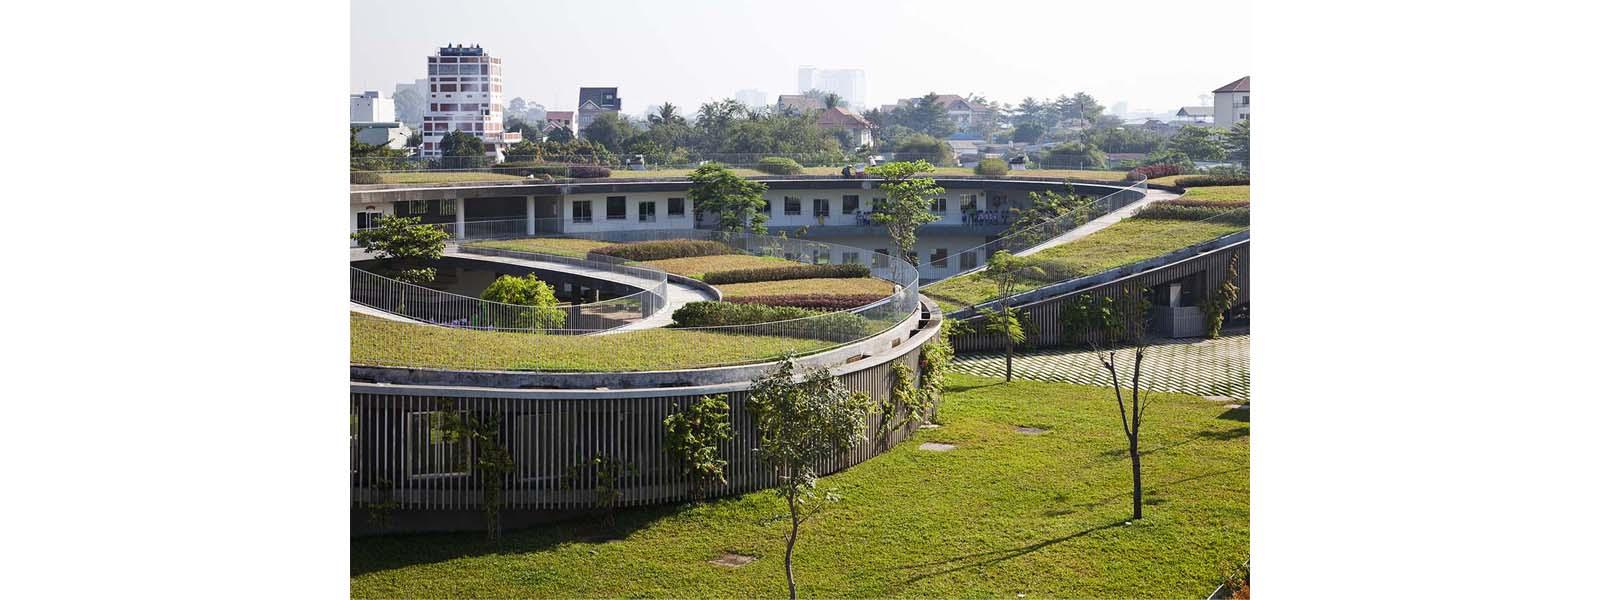 telhado-verde-com-horta-em-jardim-de-infância-no-vietnã-11